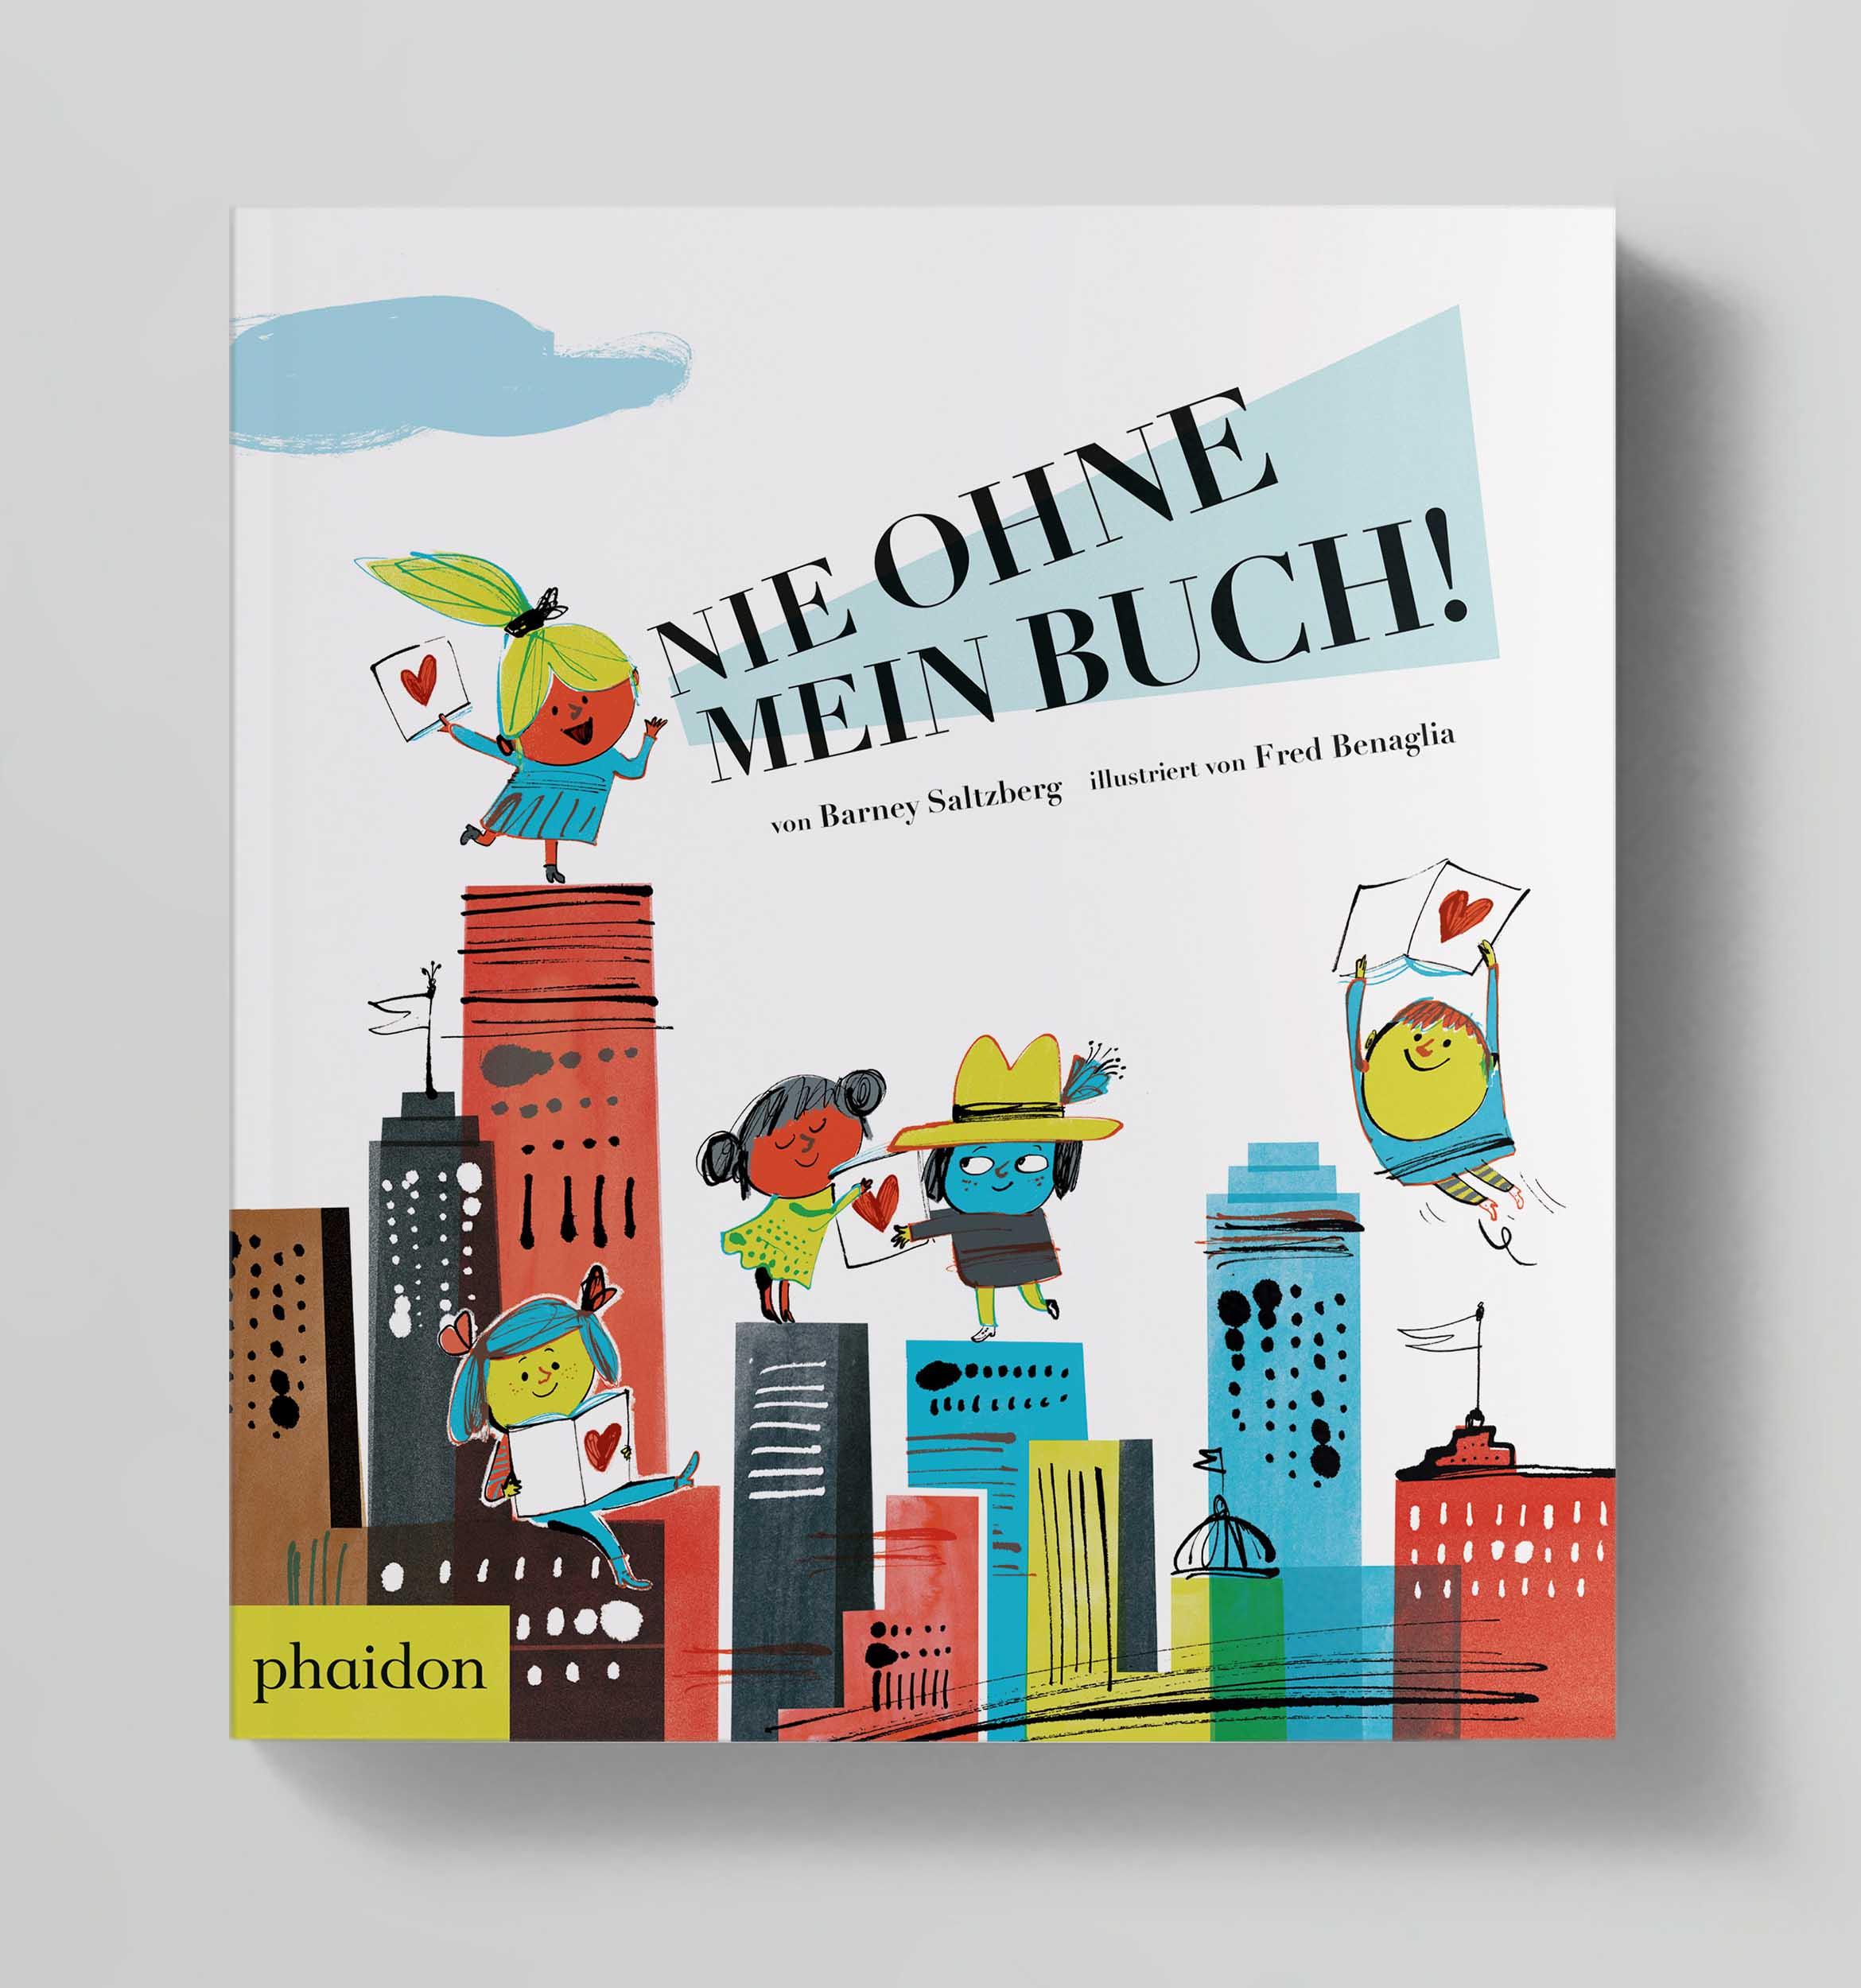 Nie ohne mein Buch Phaidon Cover